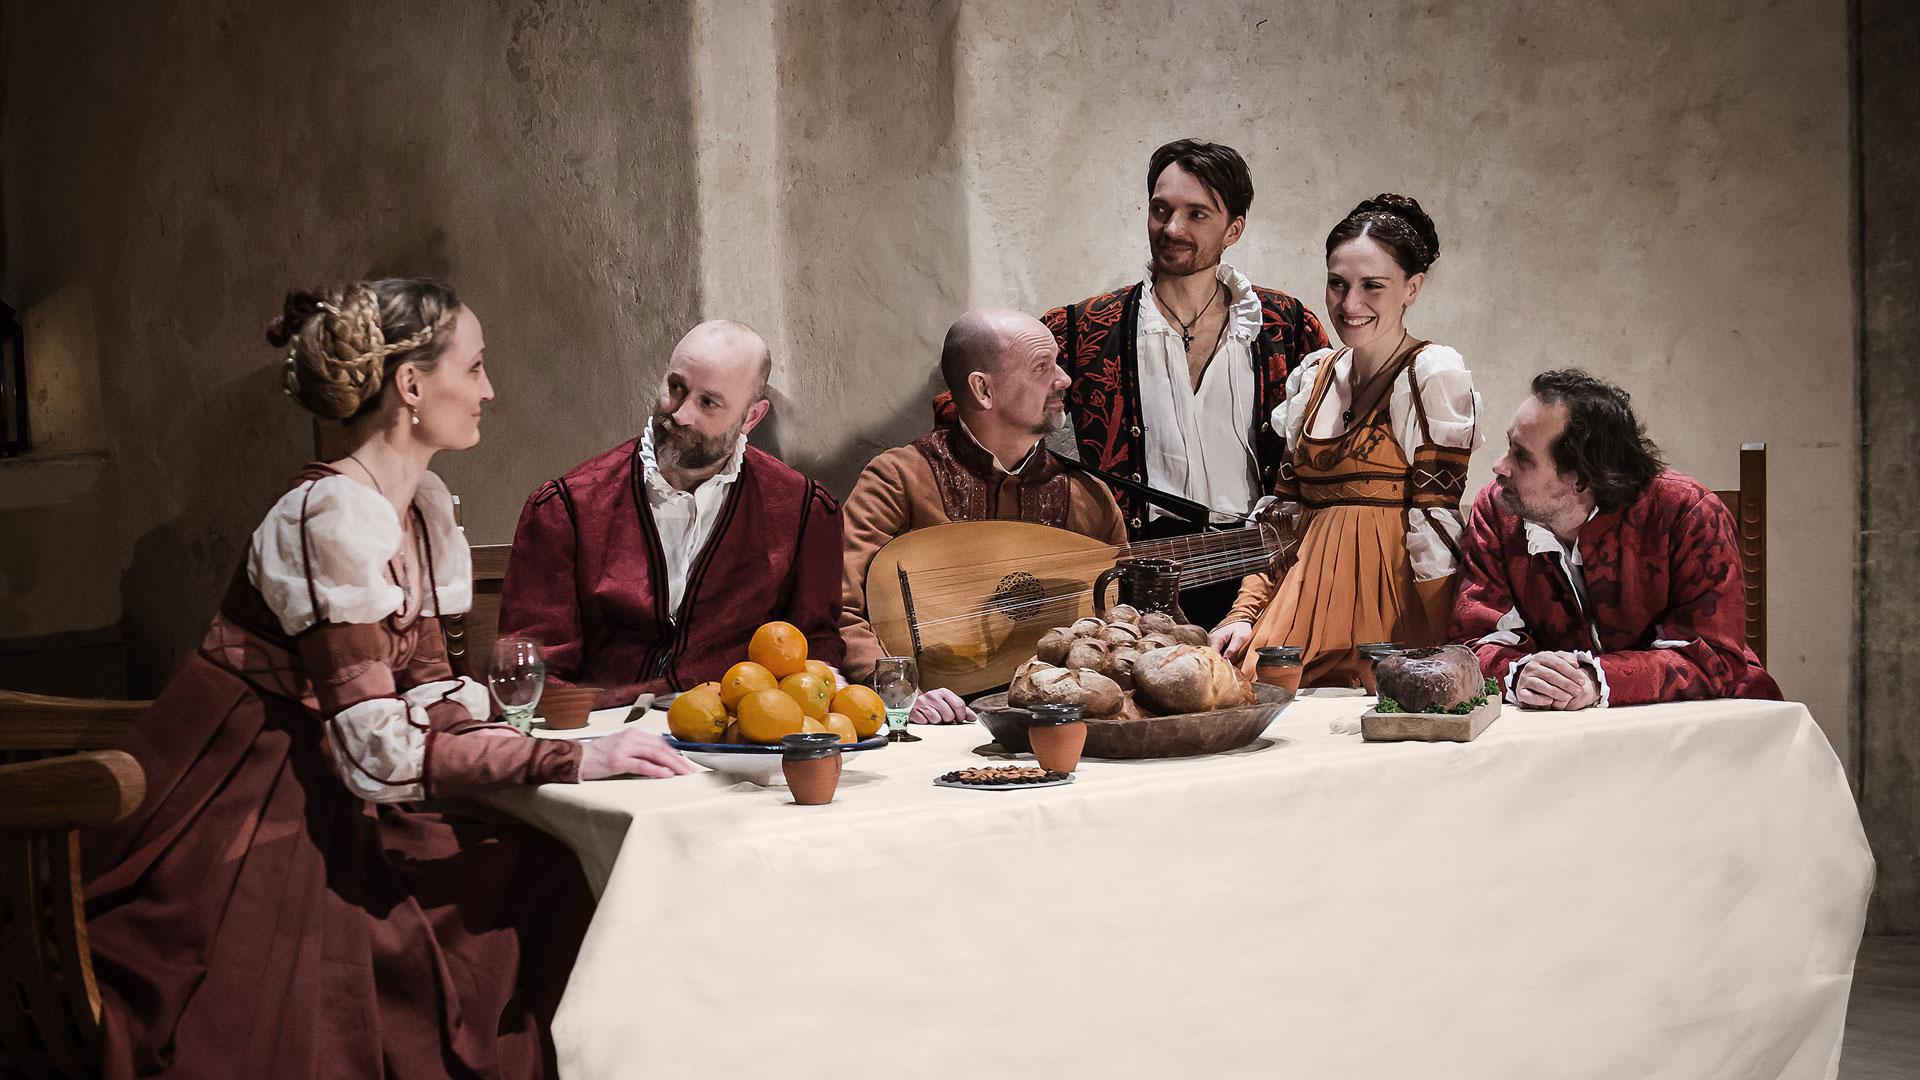 Romeo och Julia kören sitter vid ett uppdukat matbord iklädda renässanskläder.